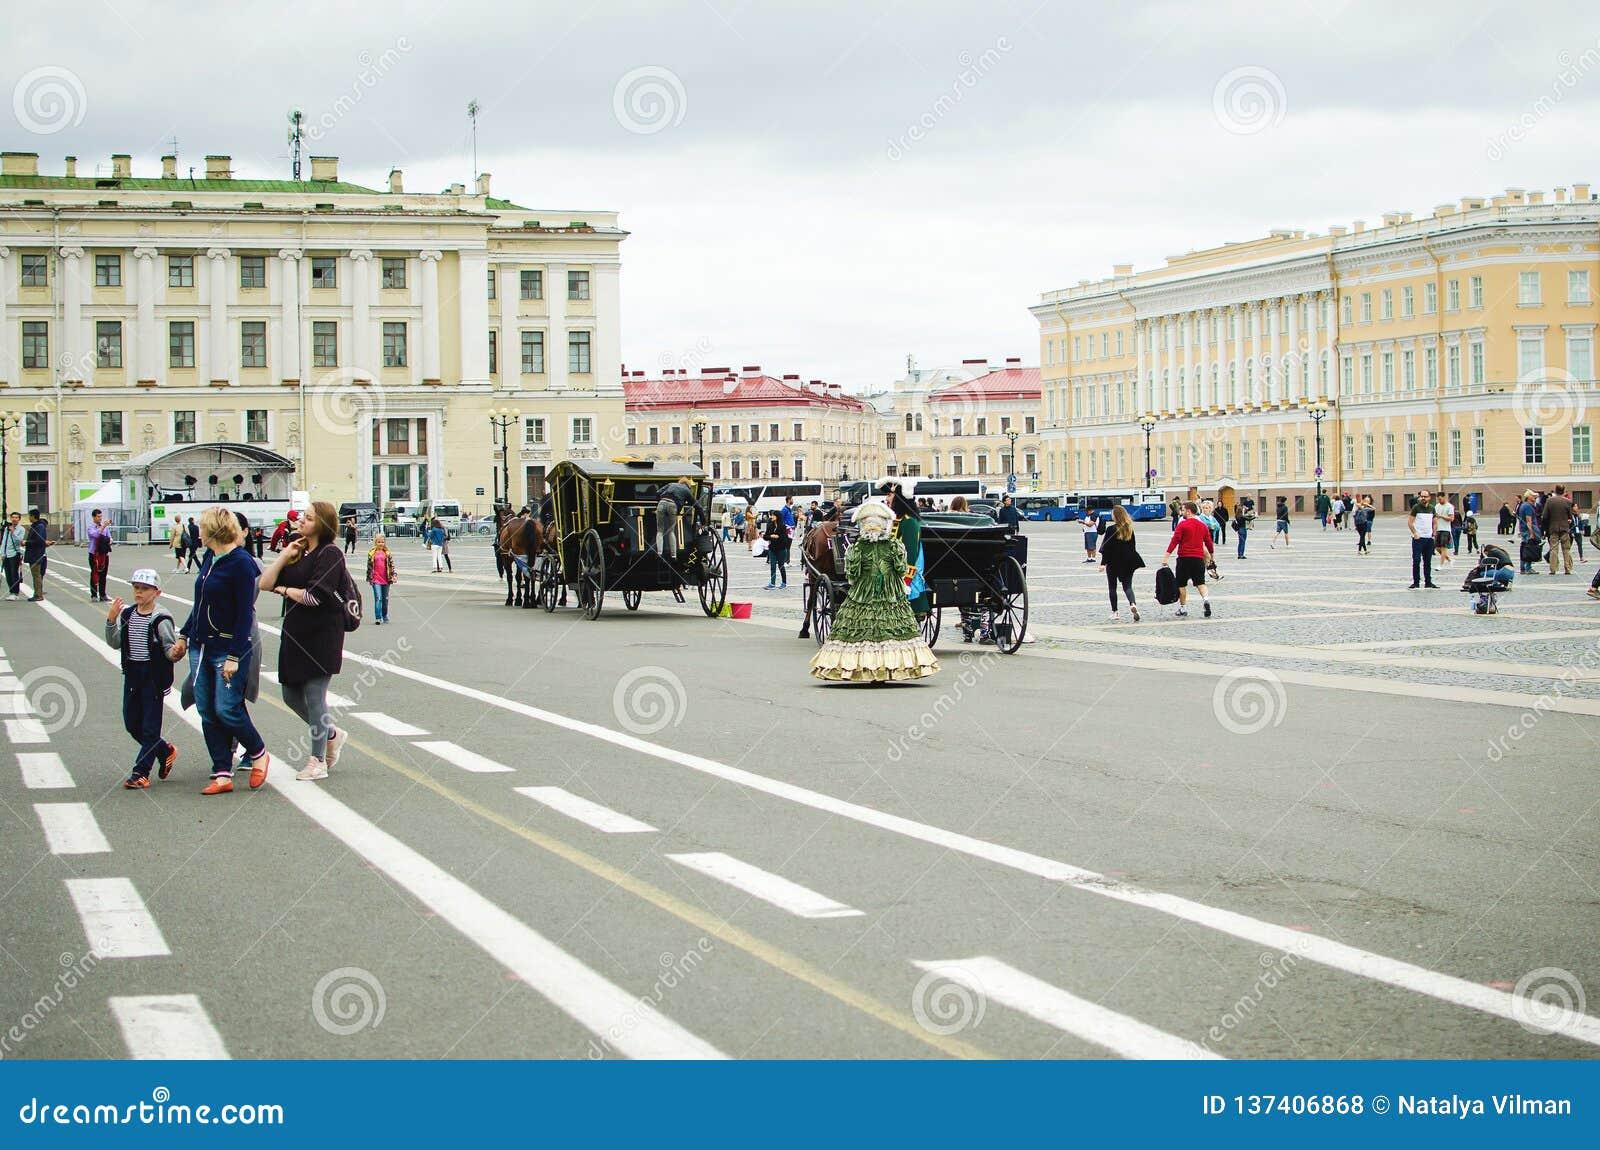 Os artistas em trajes antigos mantem distraído turistas no quadrado do palácio em St Petersburg